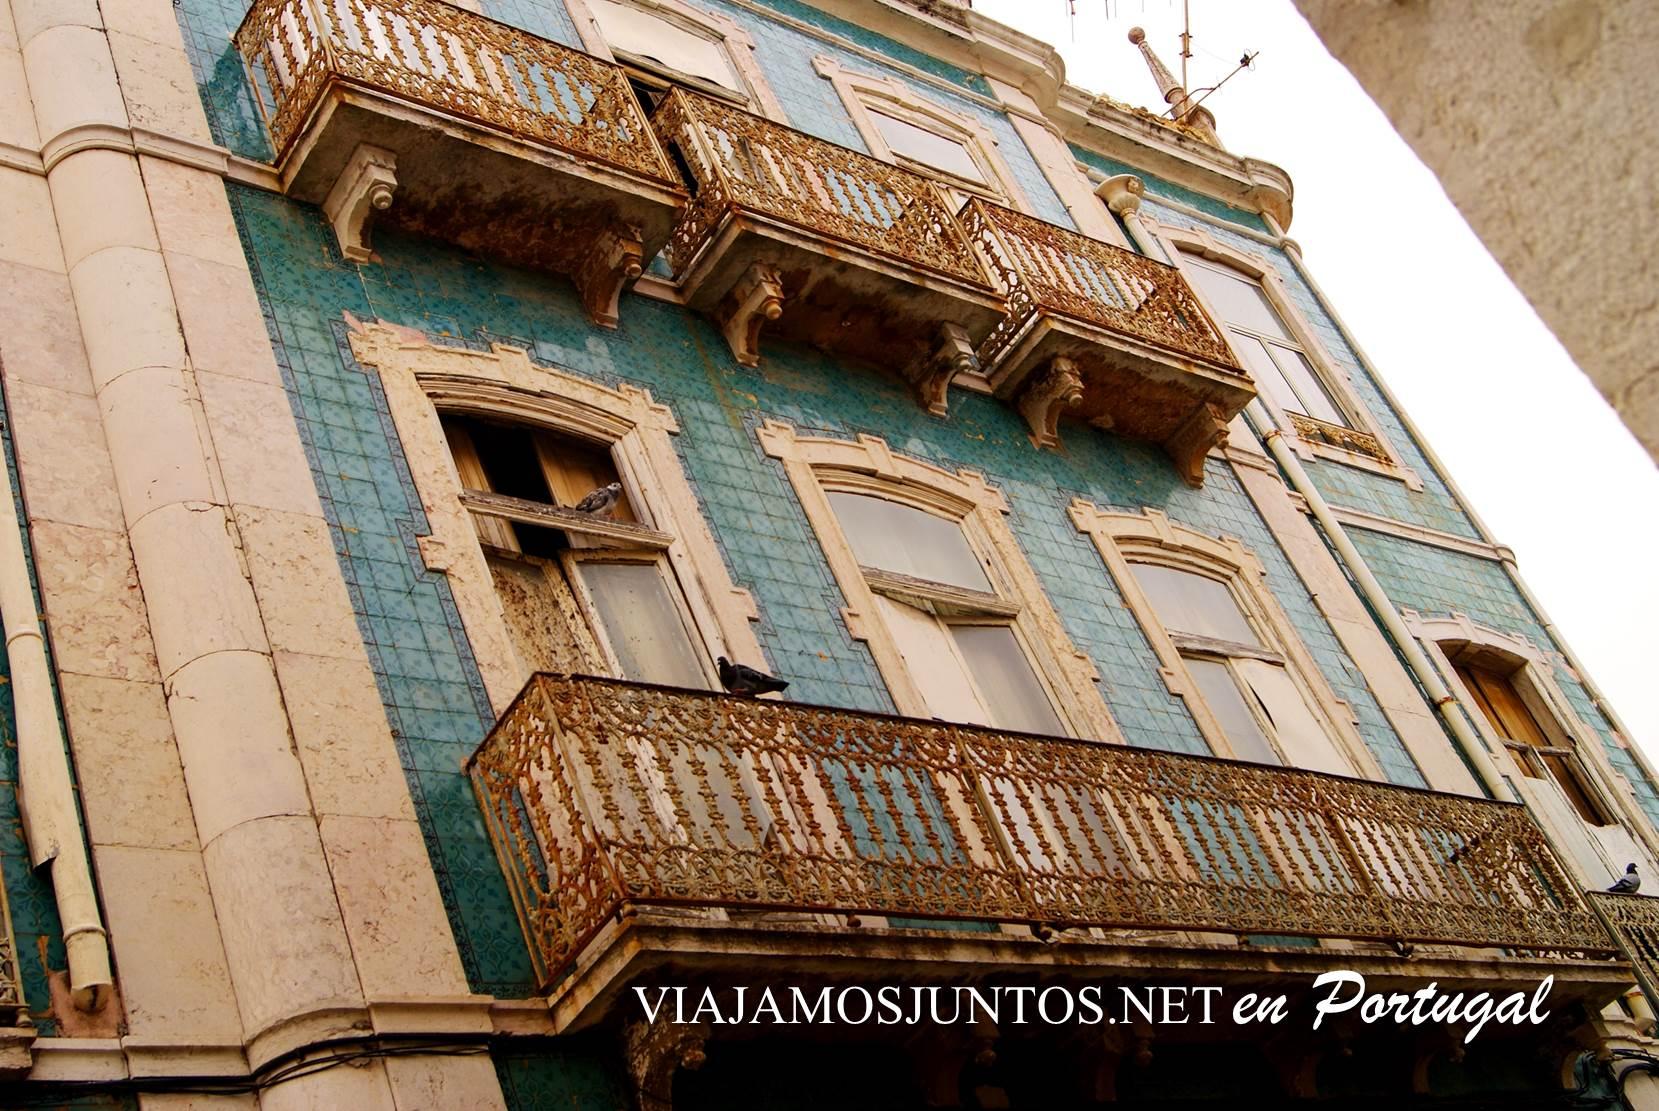 Casco histórico de Sesimbra, Portugal